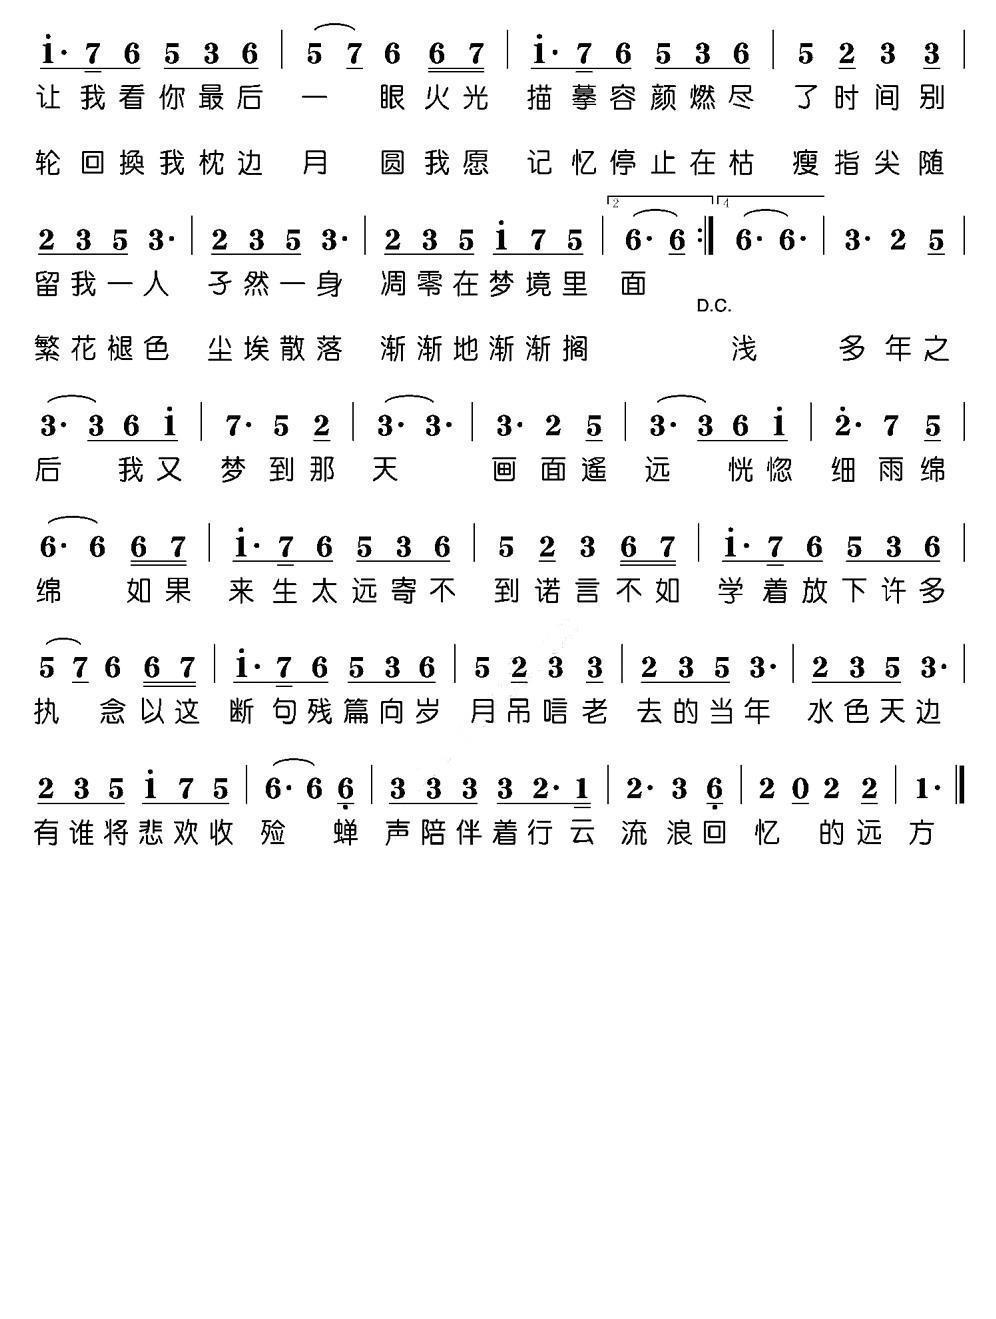 锦鲤抄简谱_锦鲤抄_简谱_搜谱网